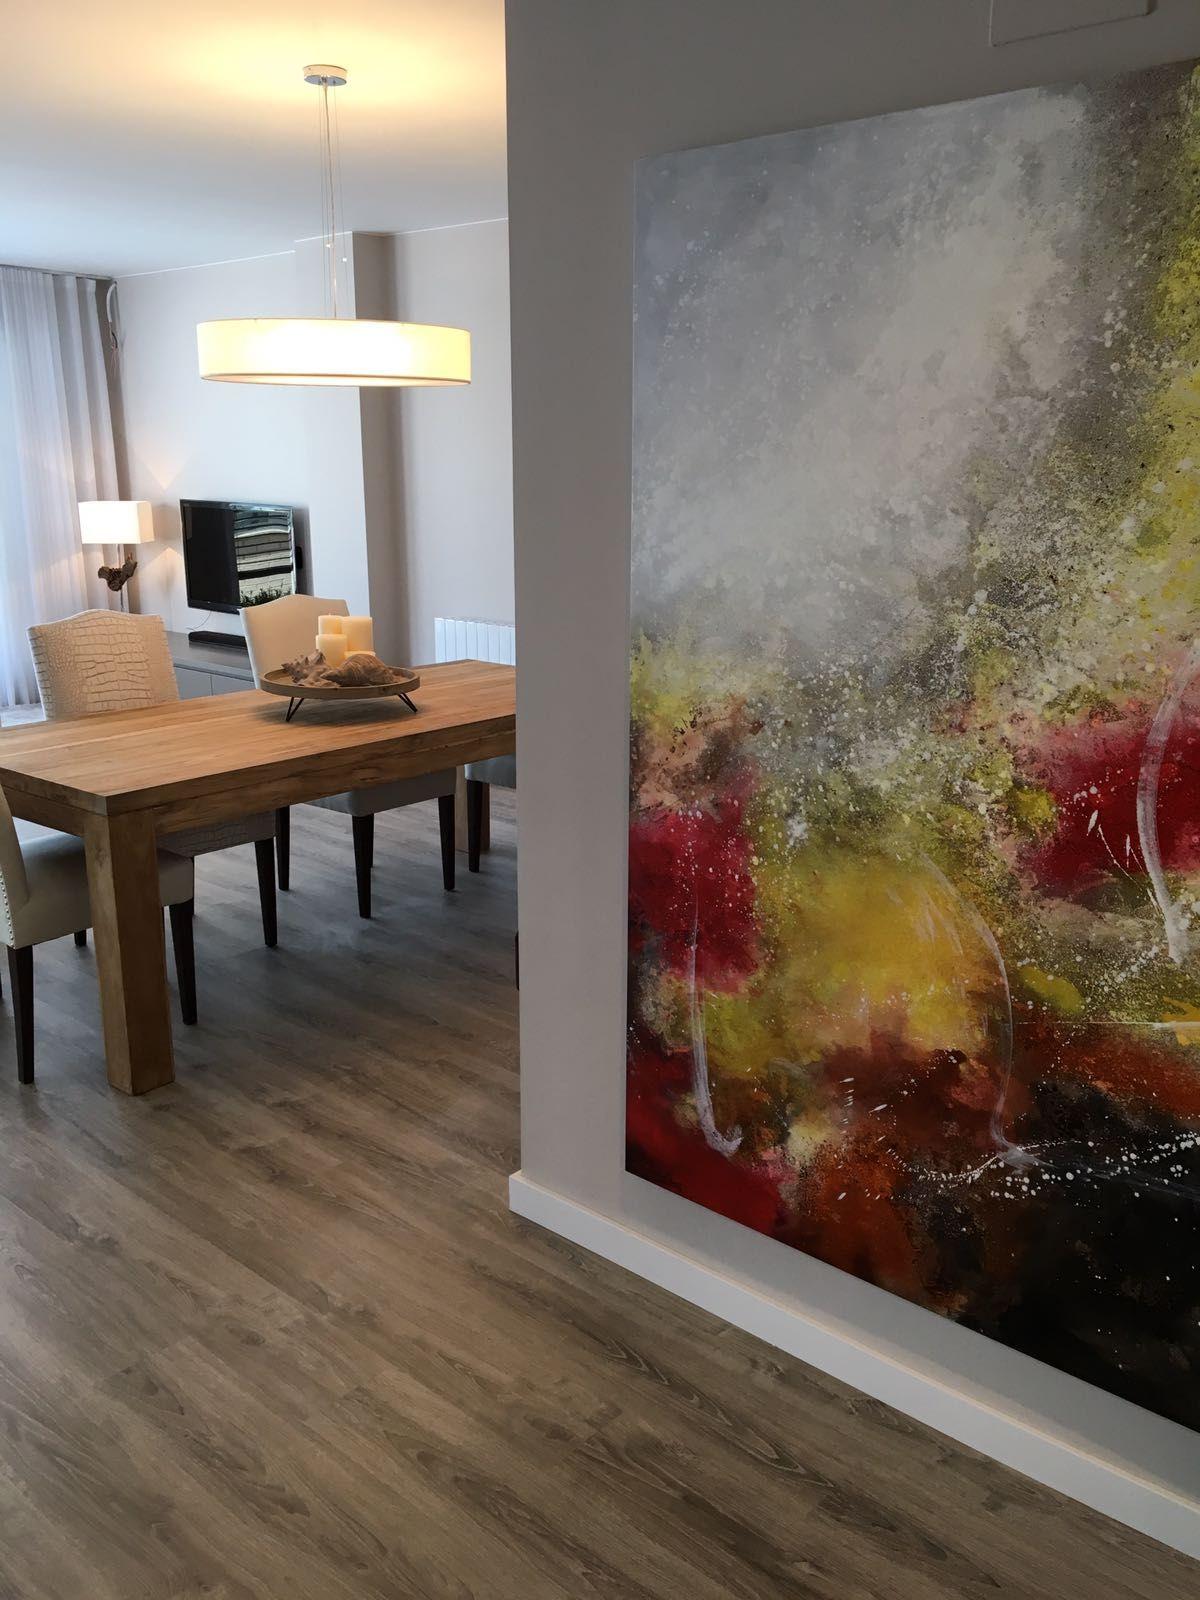 Foto 46 de Tienda de muebles en L'Hospitalet de Llobregat | Chousa